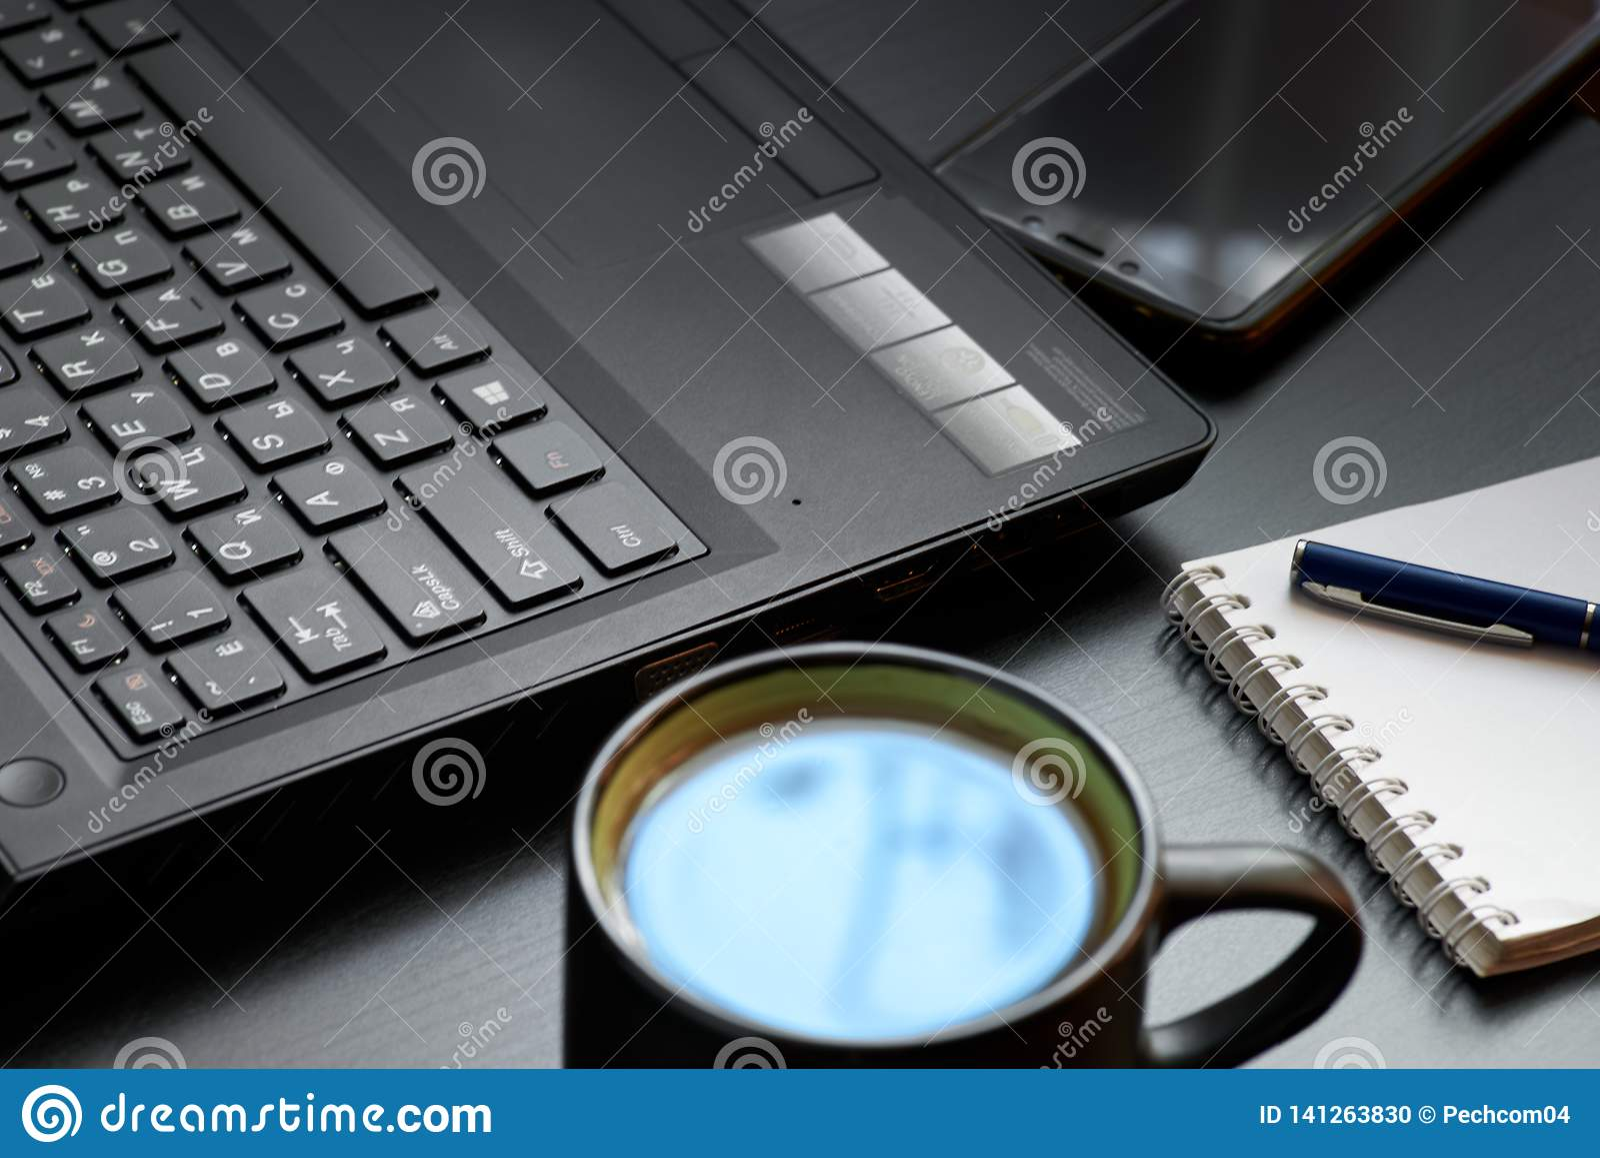 Schreibtisch mit Laptop, intelligentem Telefon, Notizbüchern, Stiften, Brillen und einer Tasse Tee Seitenwinkelsicht